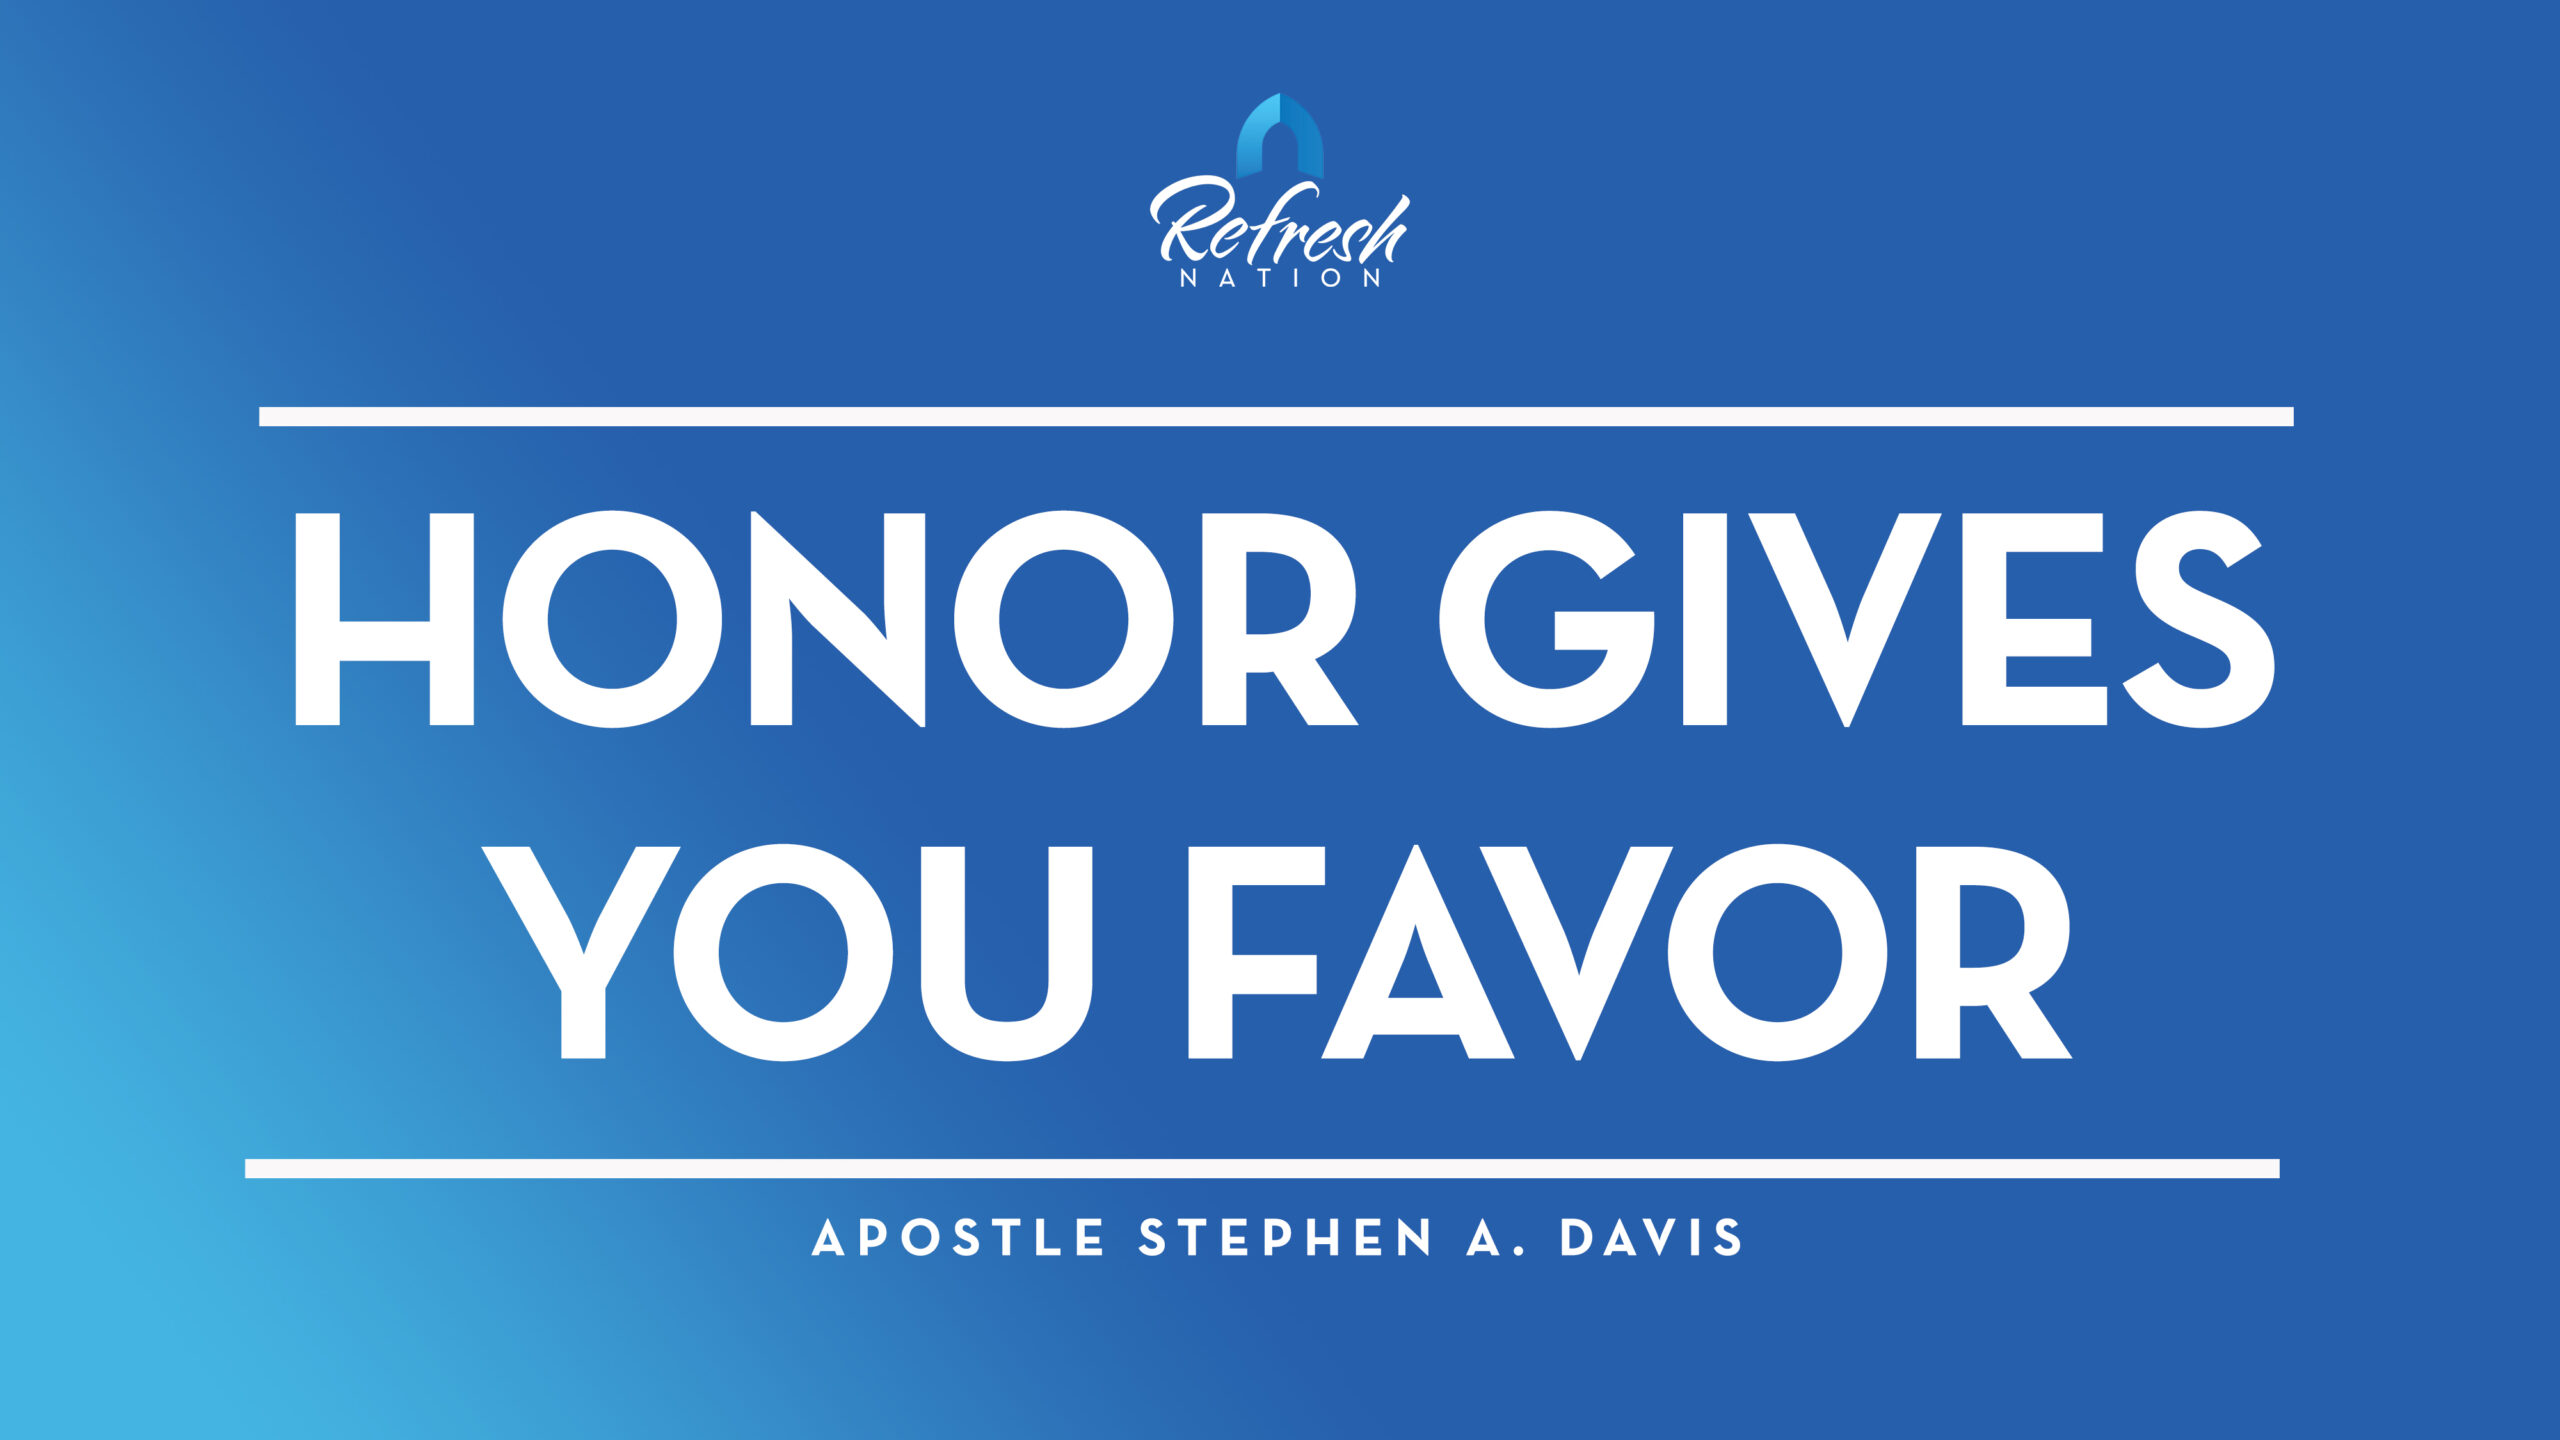 Honor Gives You Favor – Bishop Stephen A. Davis